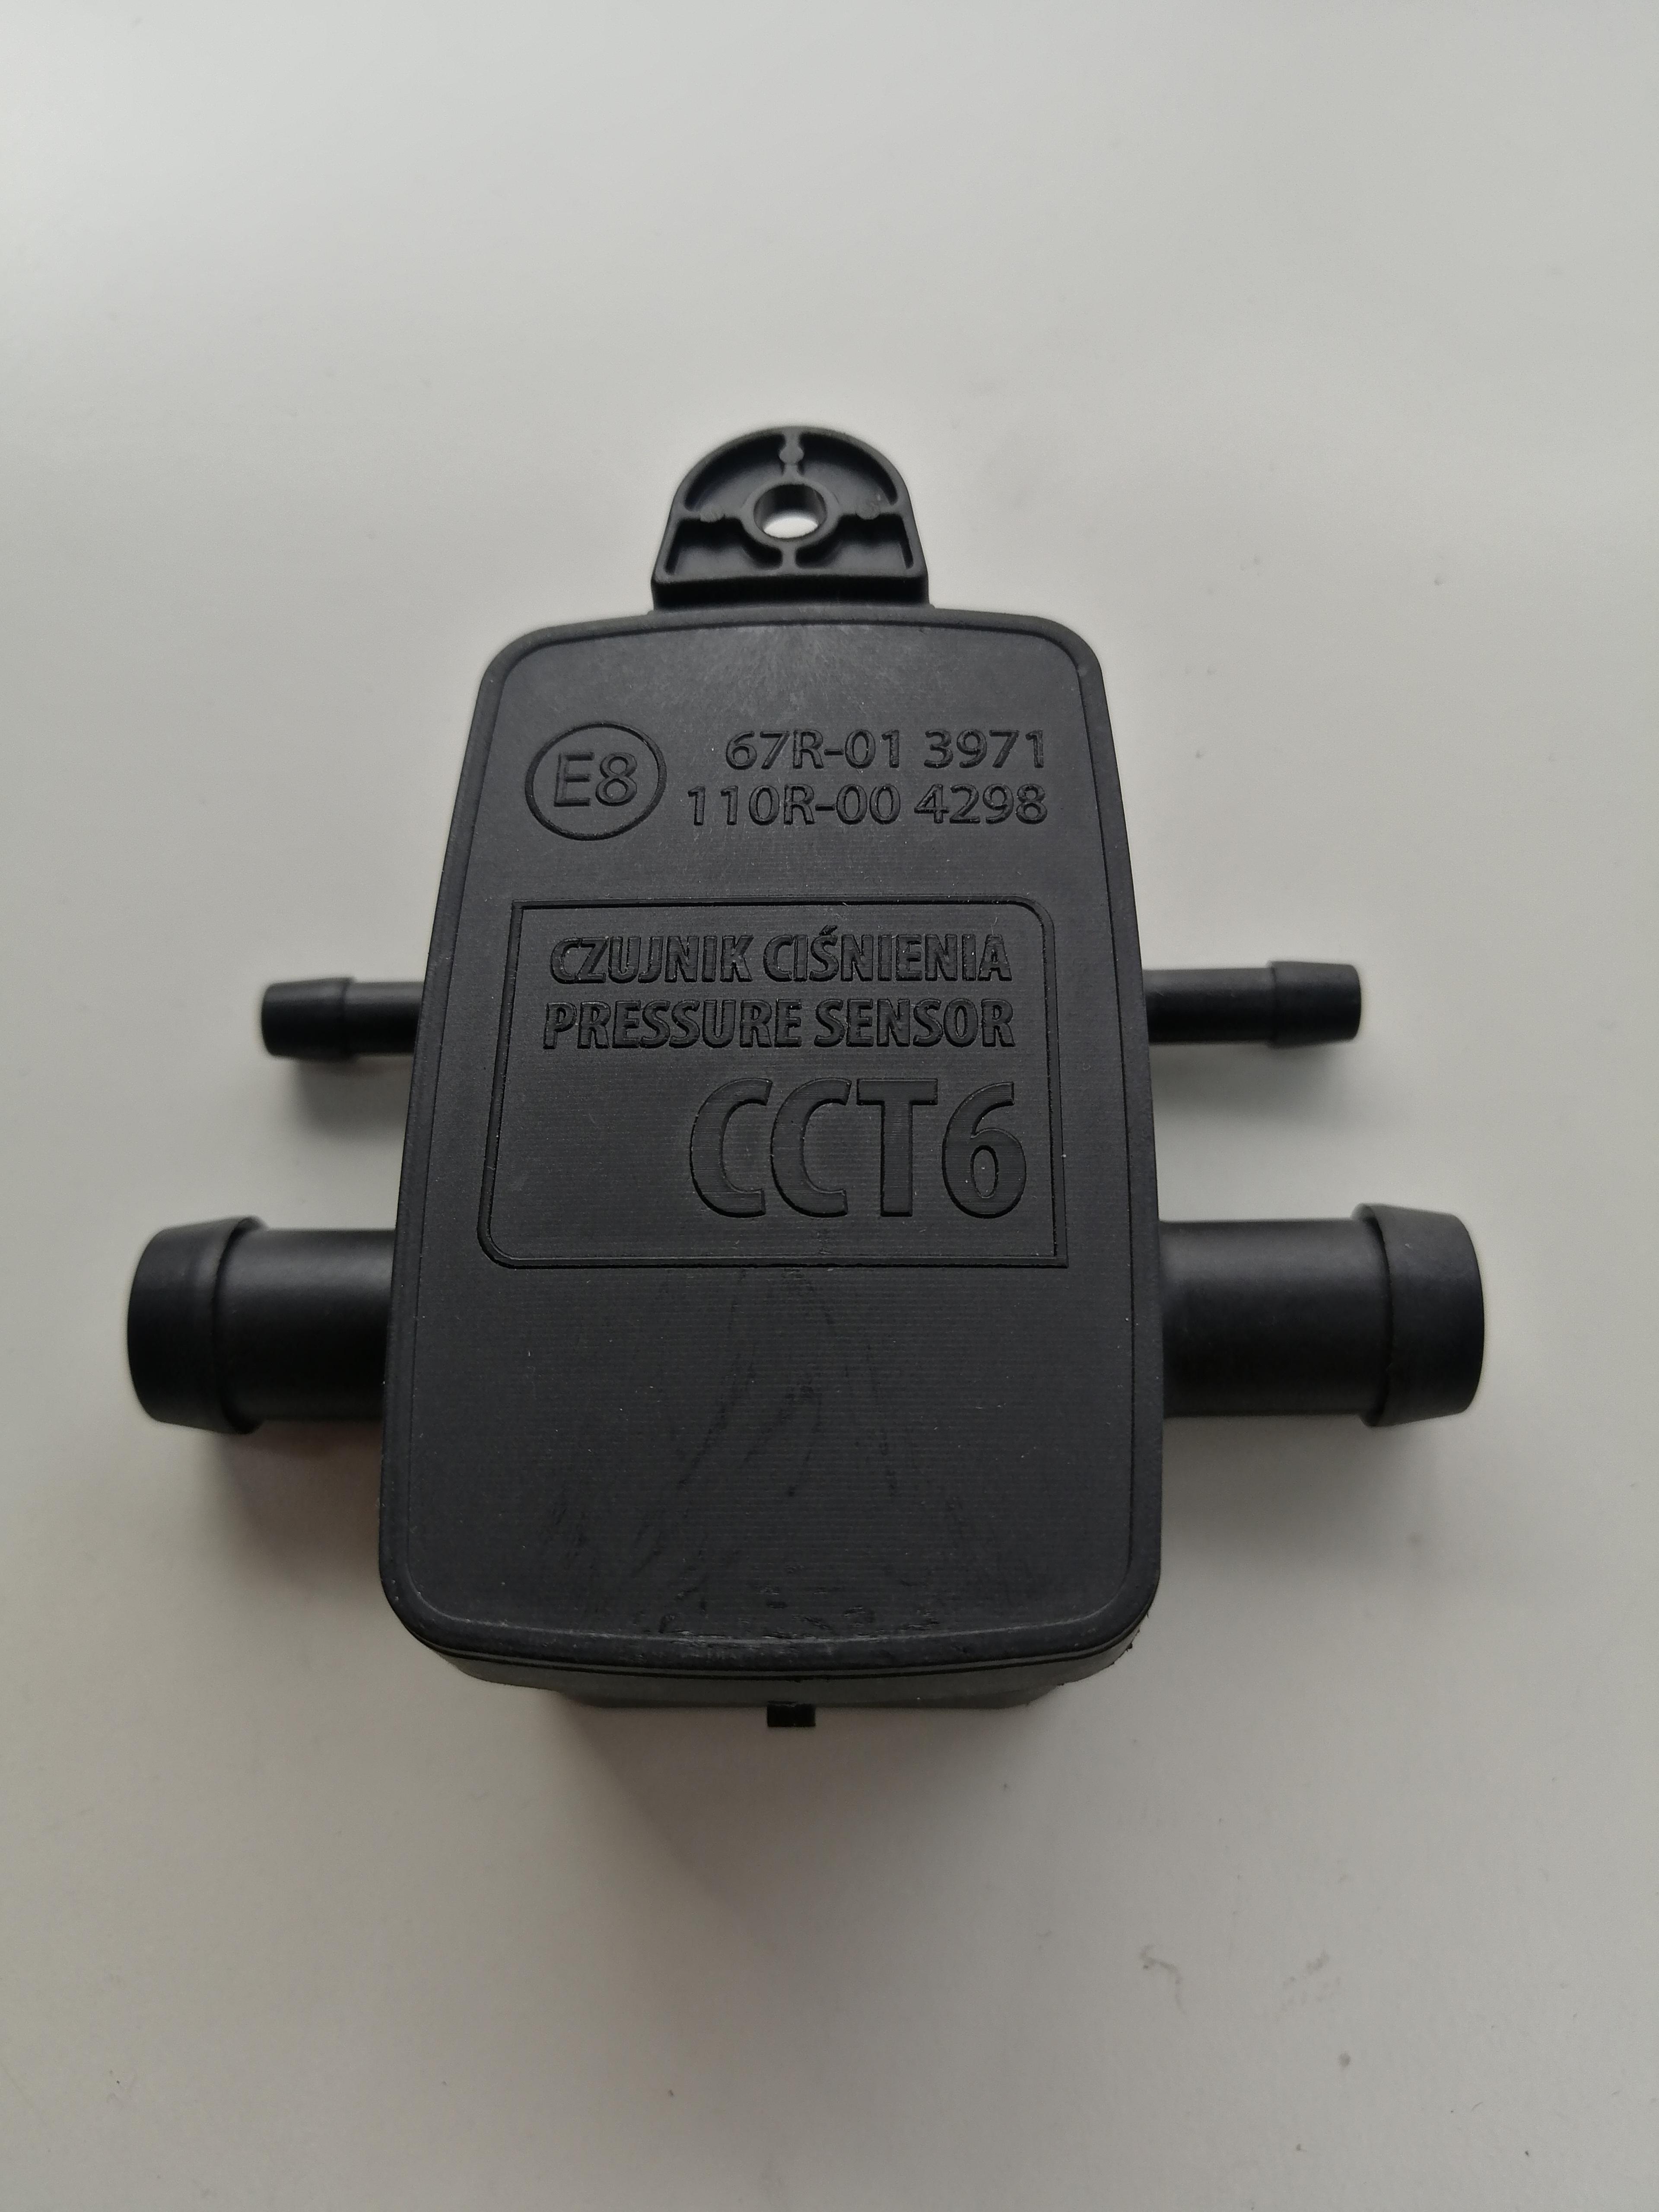 Датчик давления OMVL CCT-6